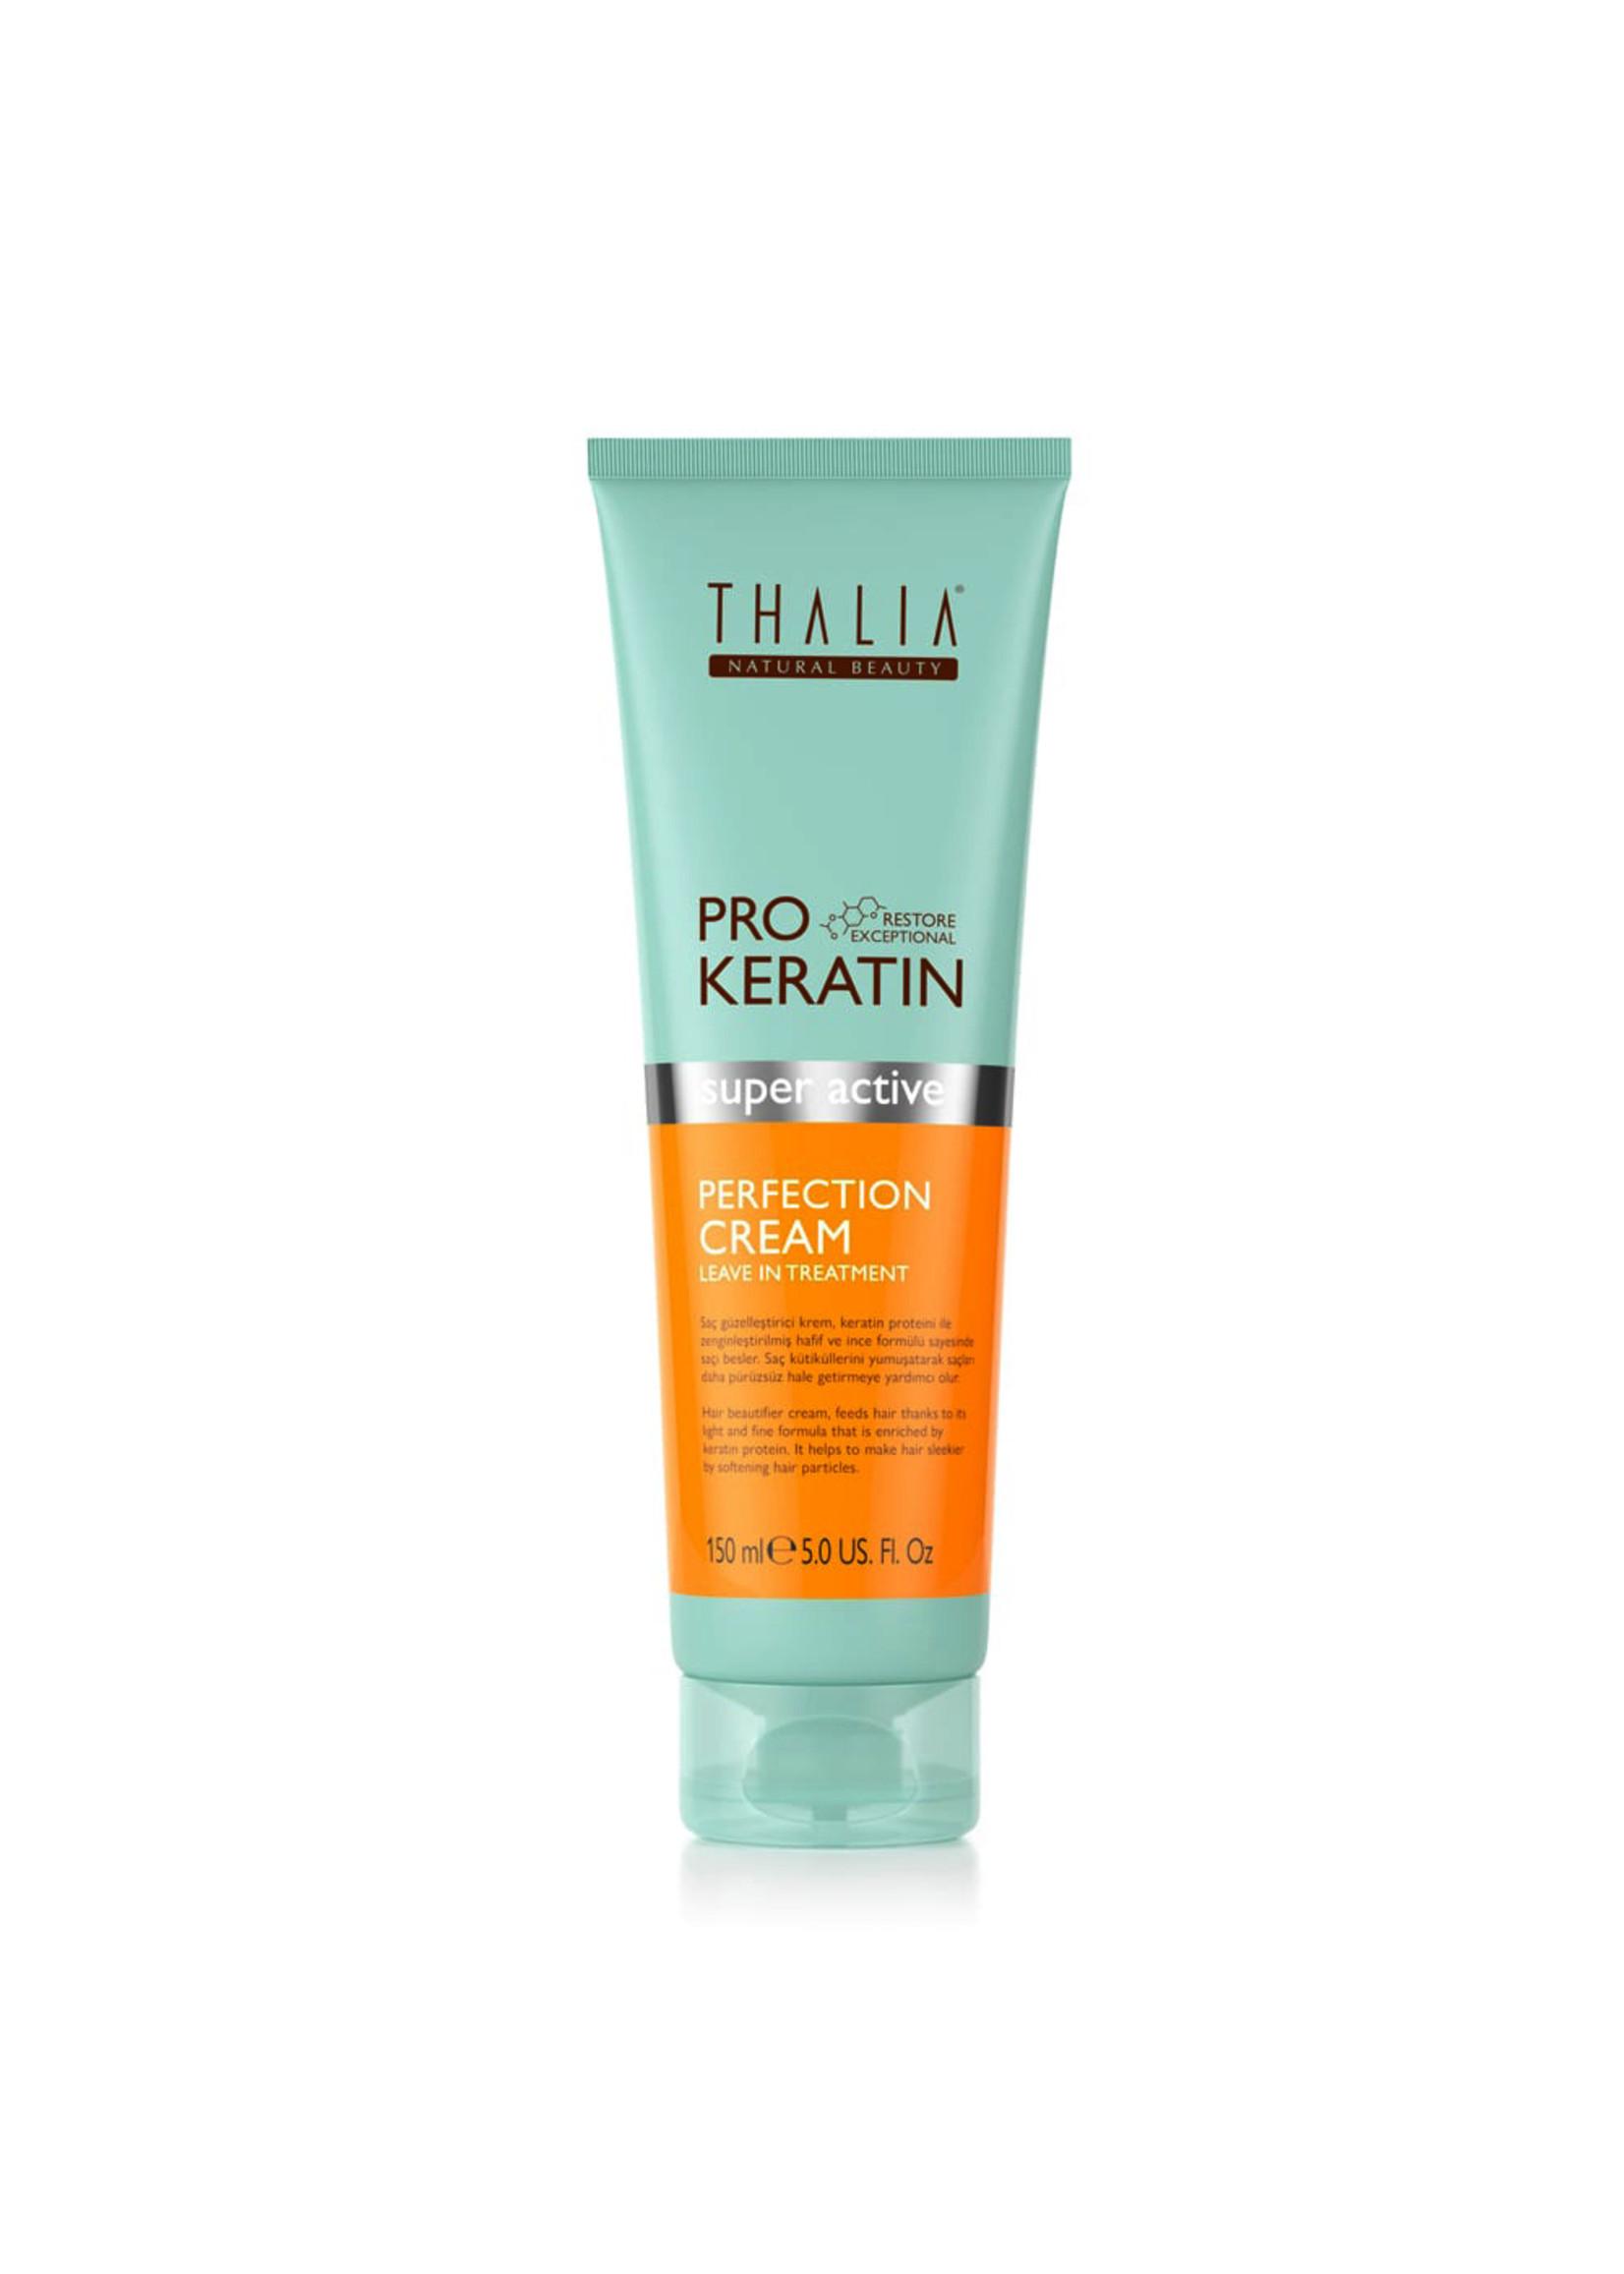 ThaliaPro Keratin Saç Güzelleştirici Krem - 150 ml